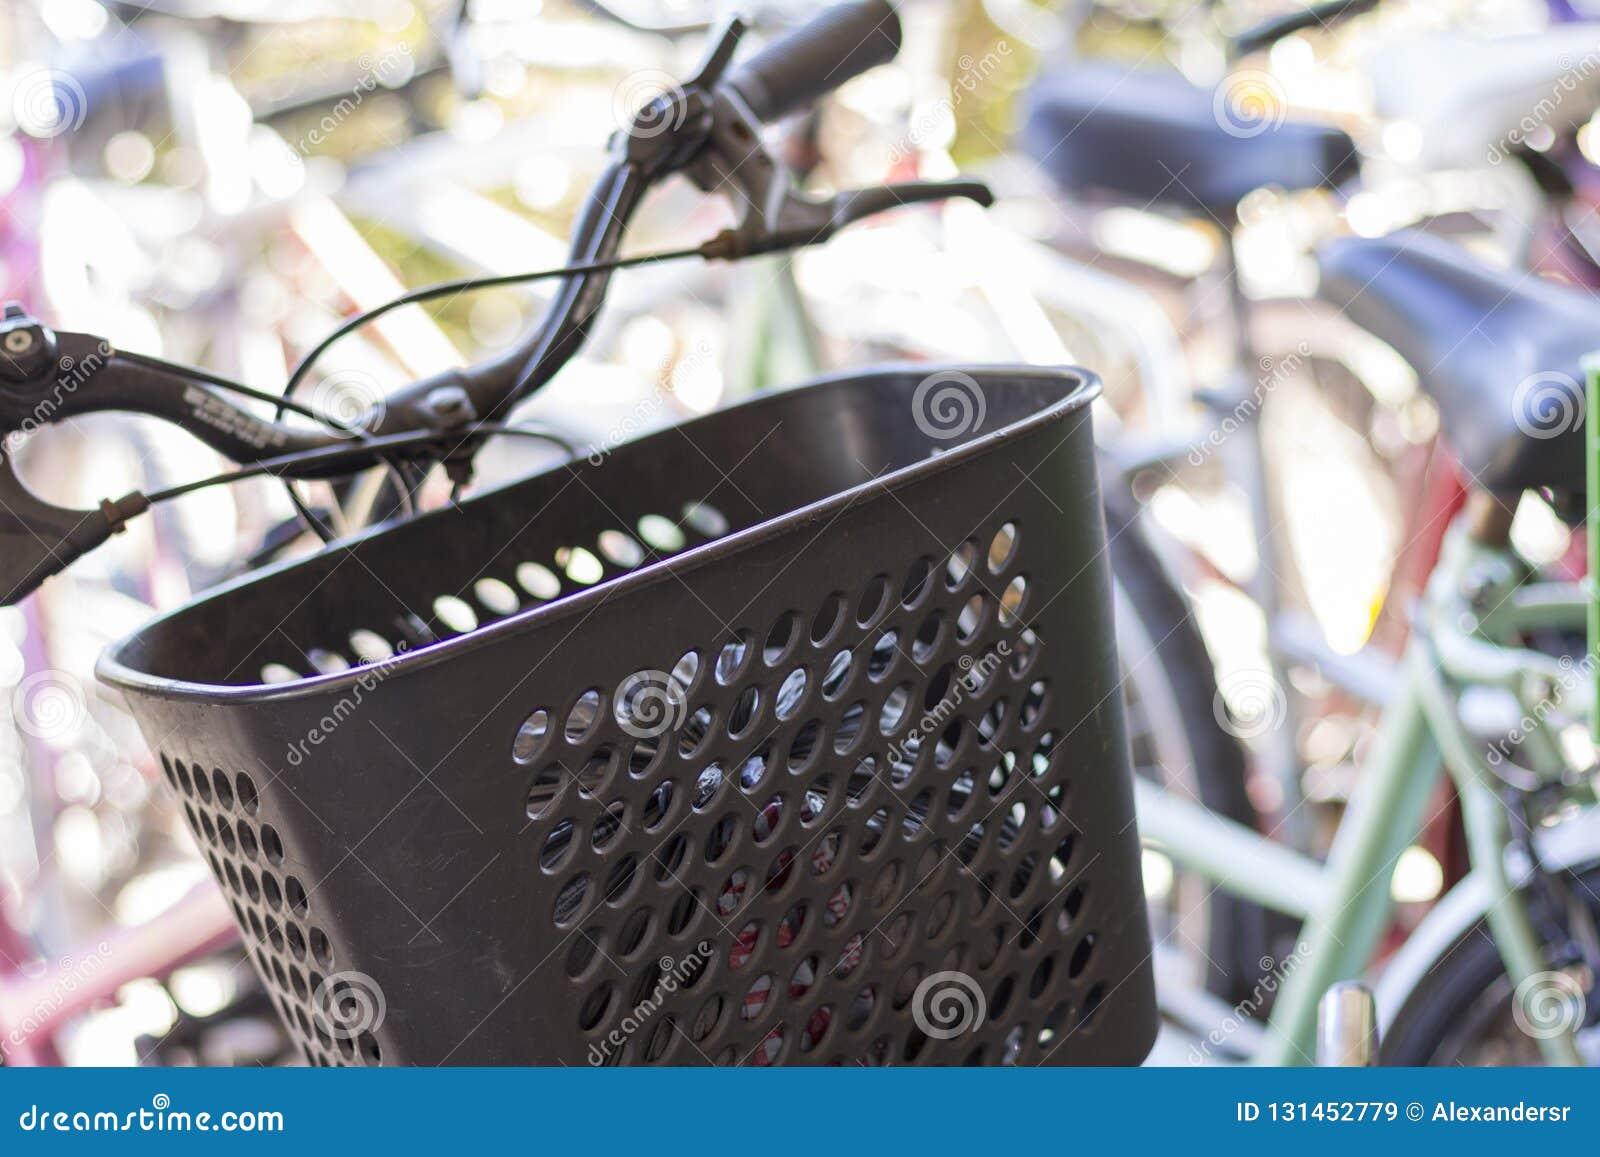 De Staat van Tigrebuenos aires/Argentinië 06/17/2014 Groep fietsen in Tigre Buenos aires Argentinië